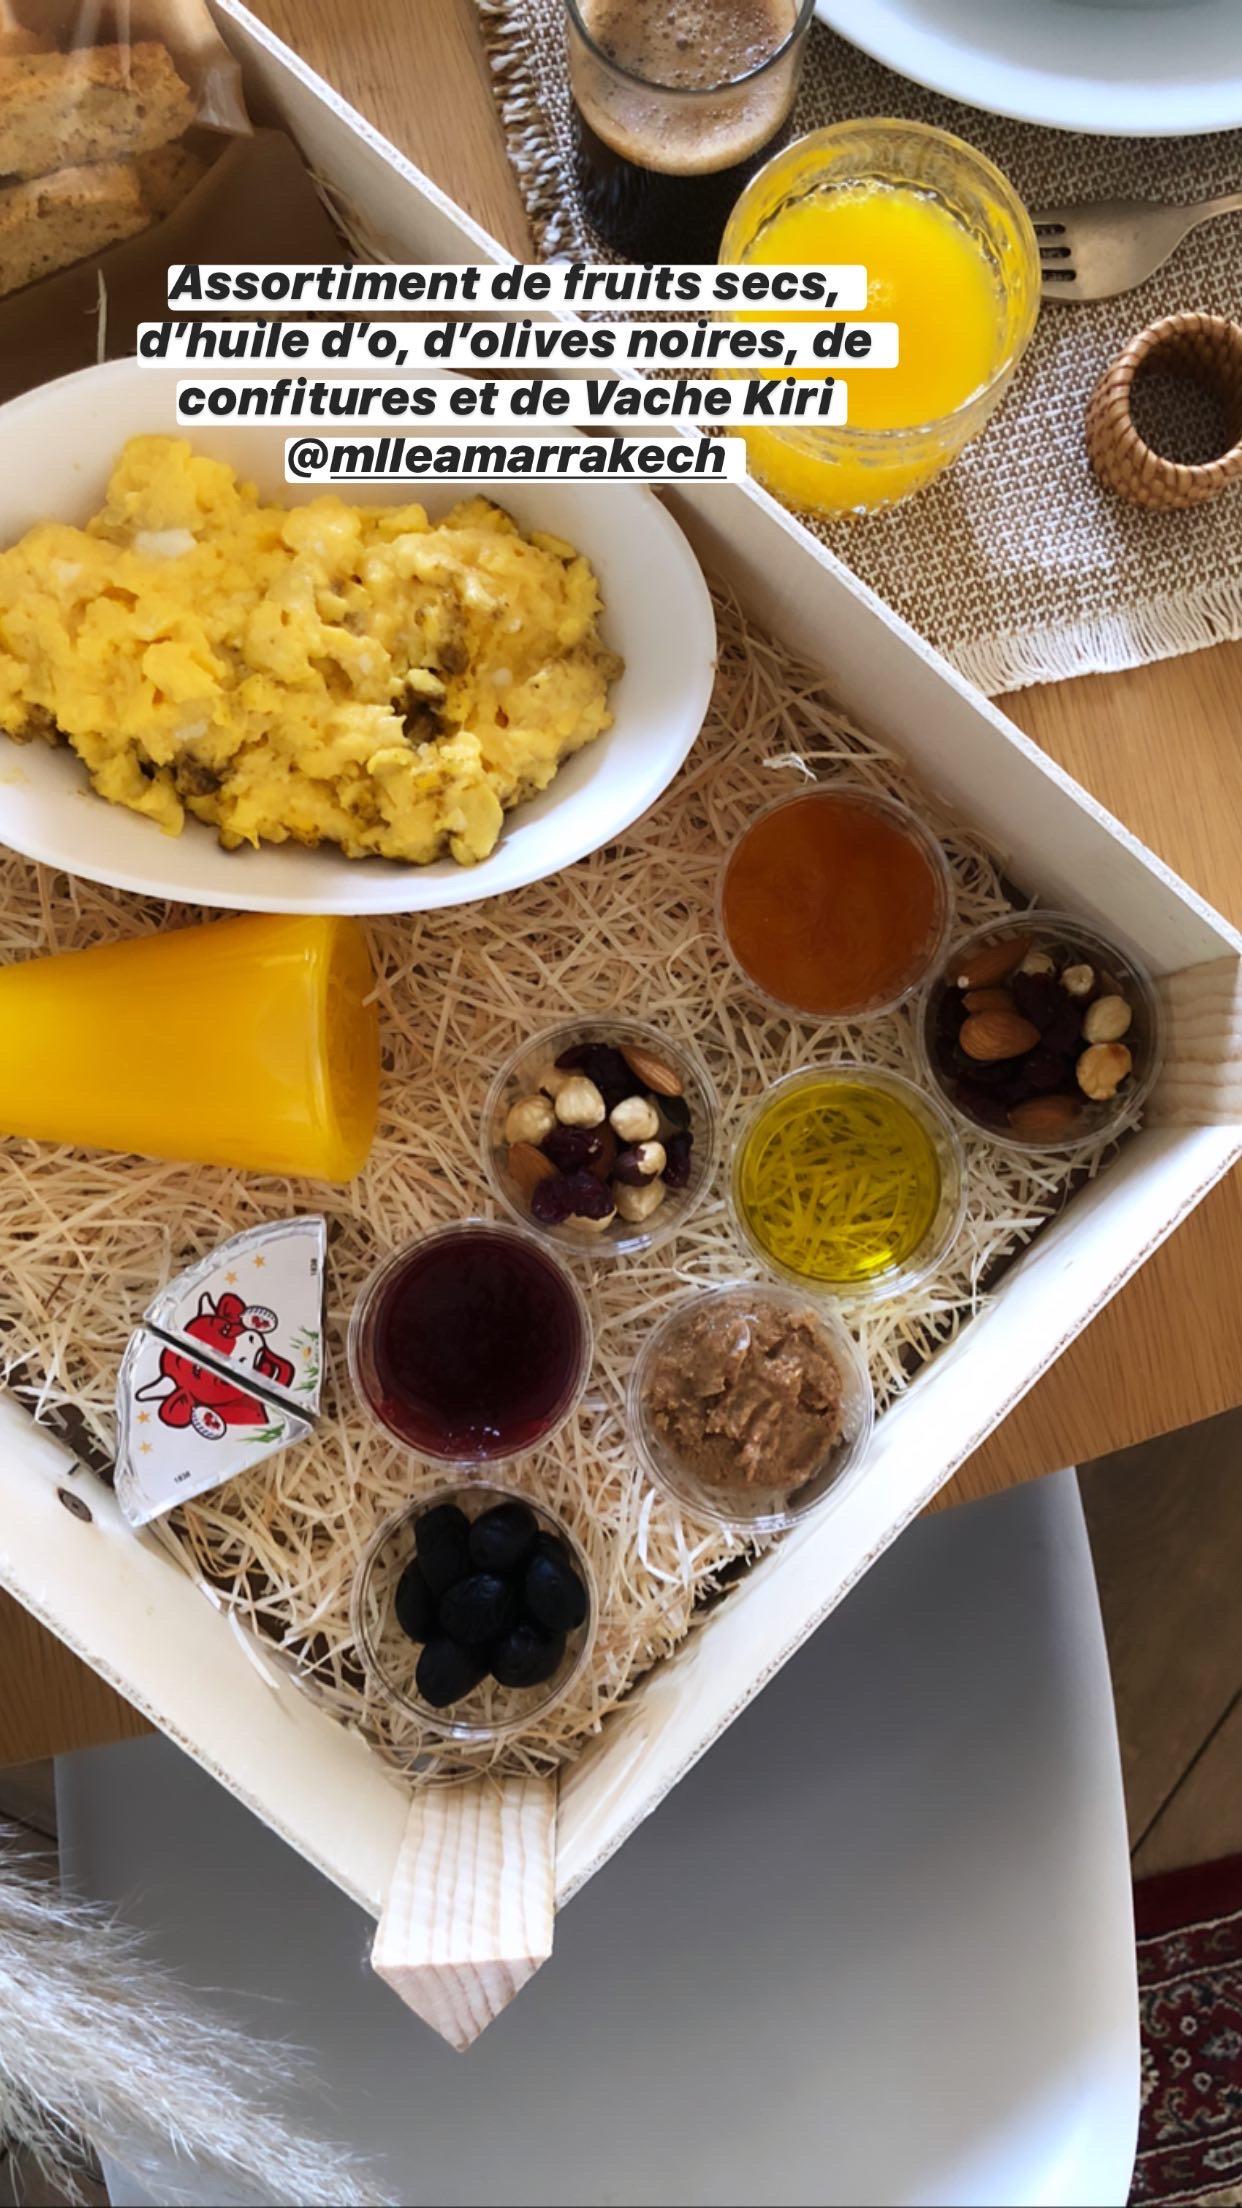 batignolles lesbatignolles paris paris17 blog food maroc marrakech